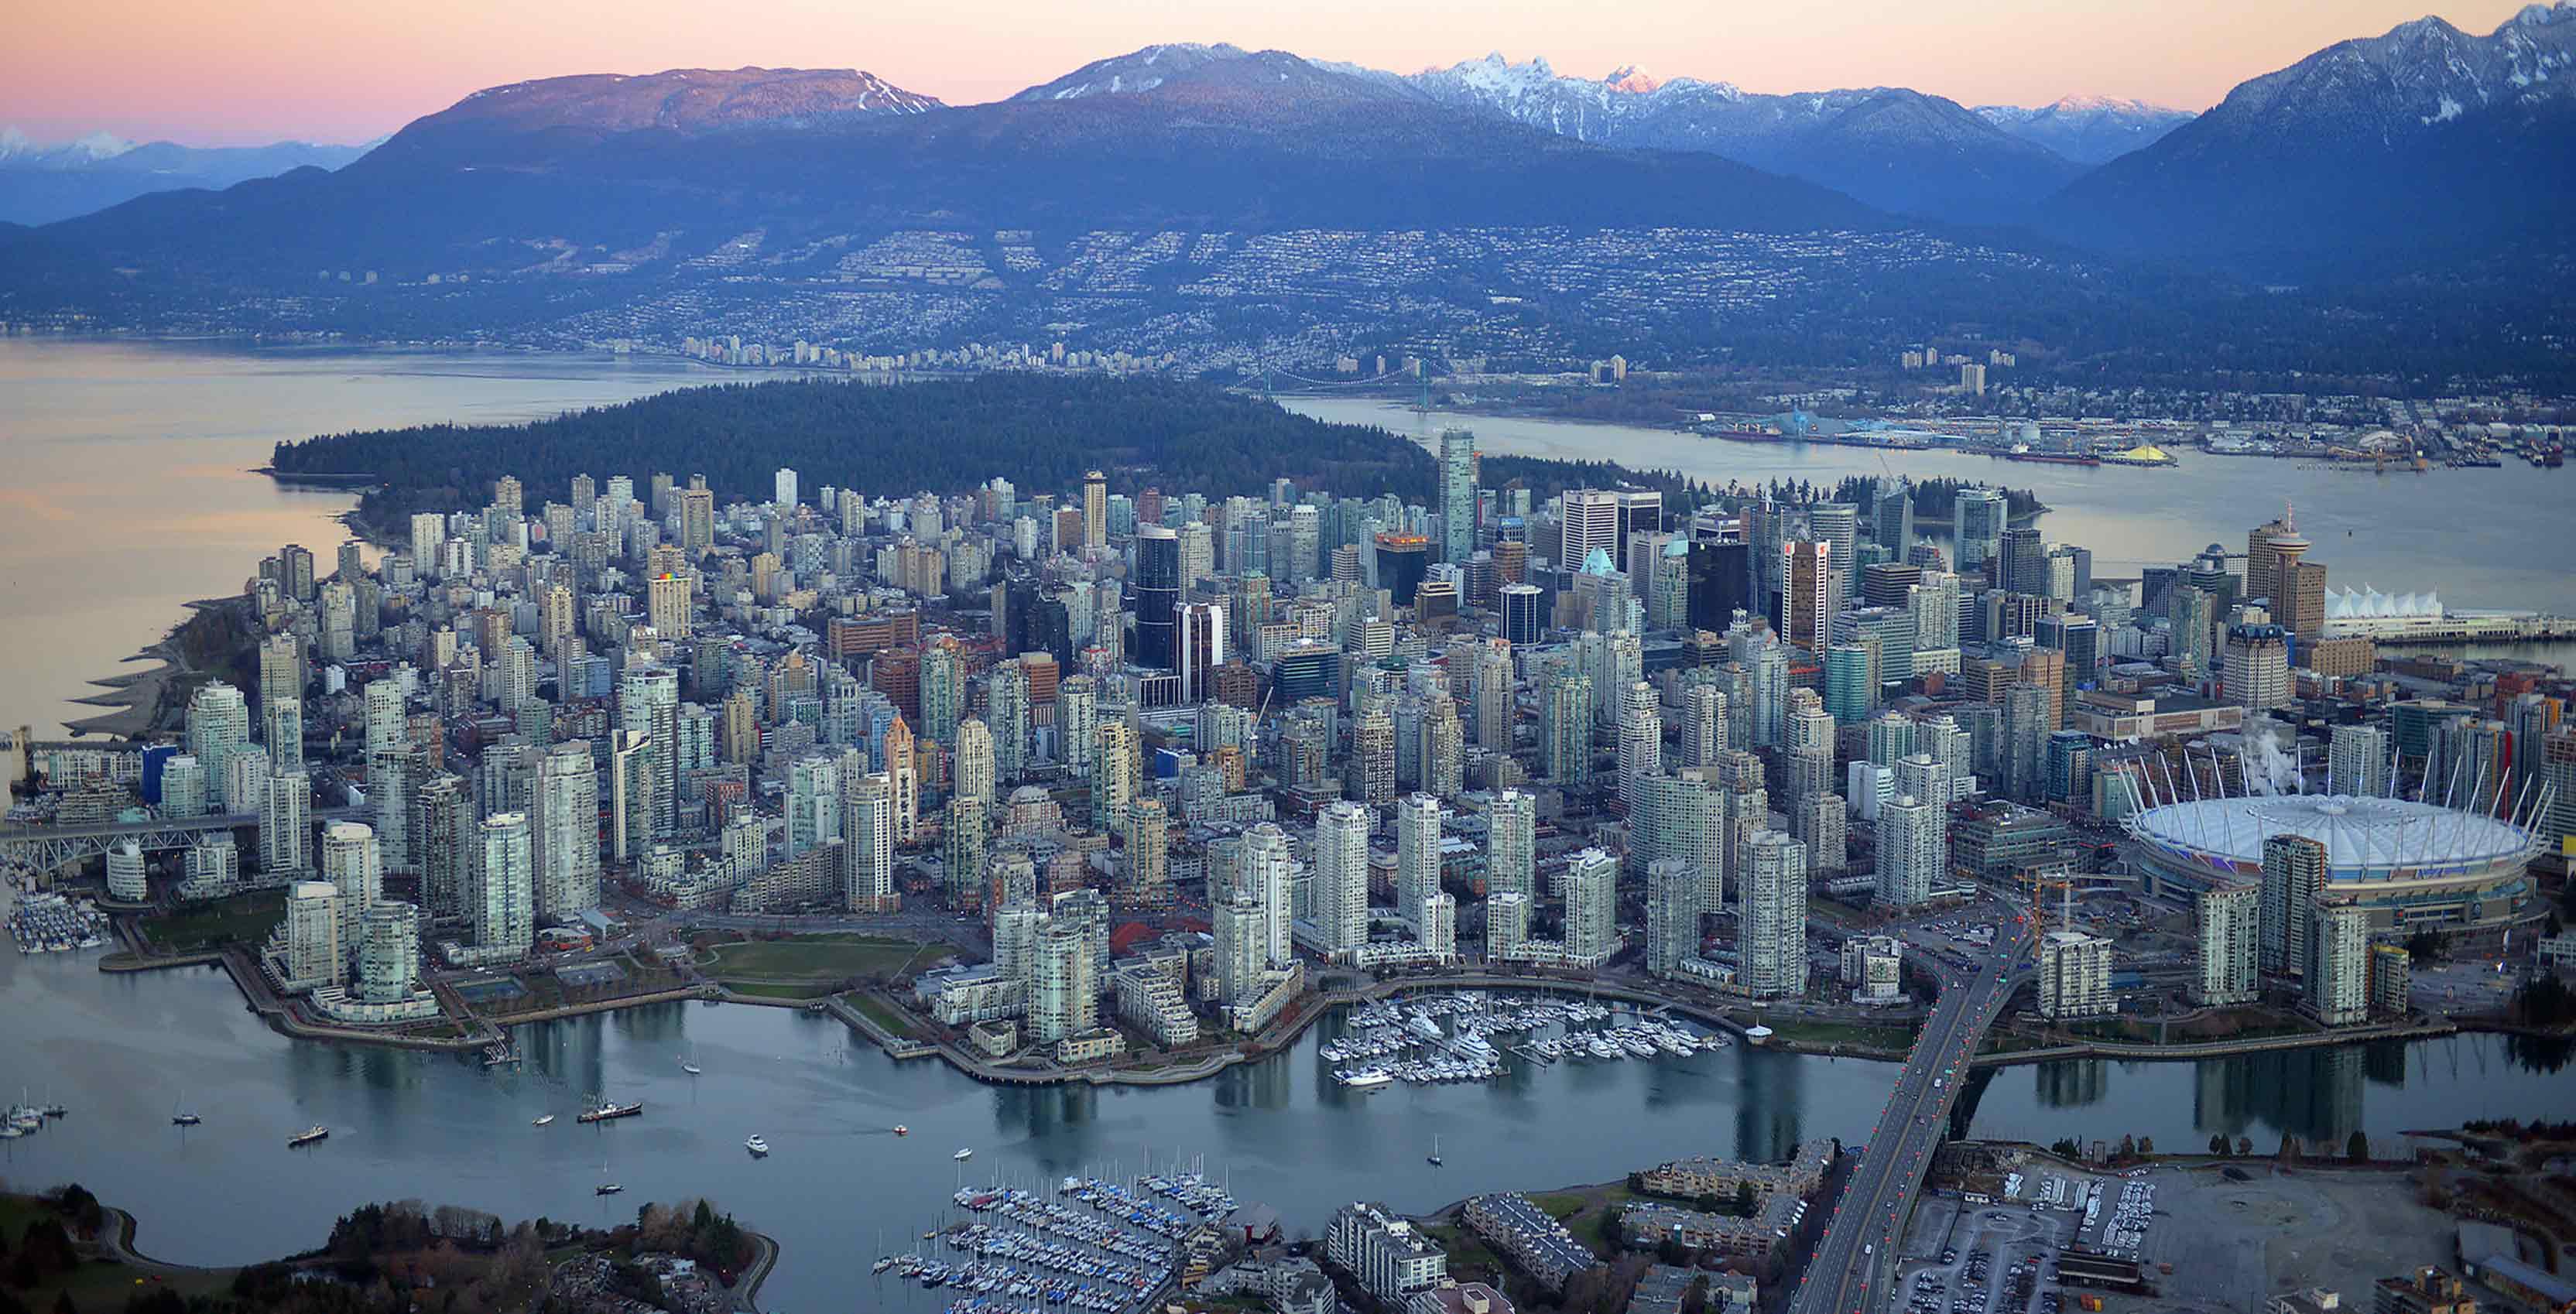 Vancouver cityline